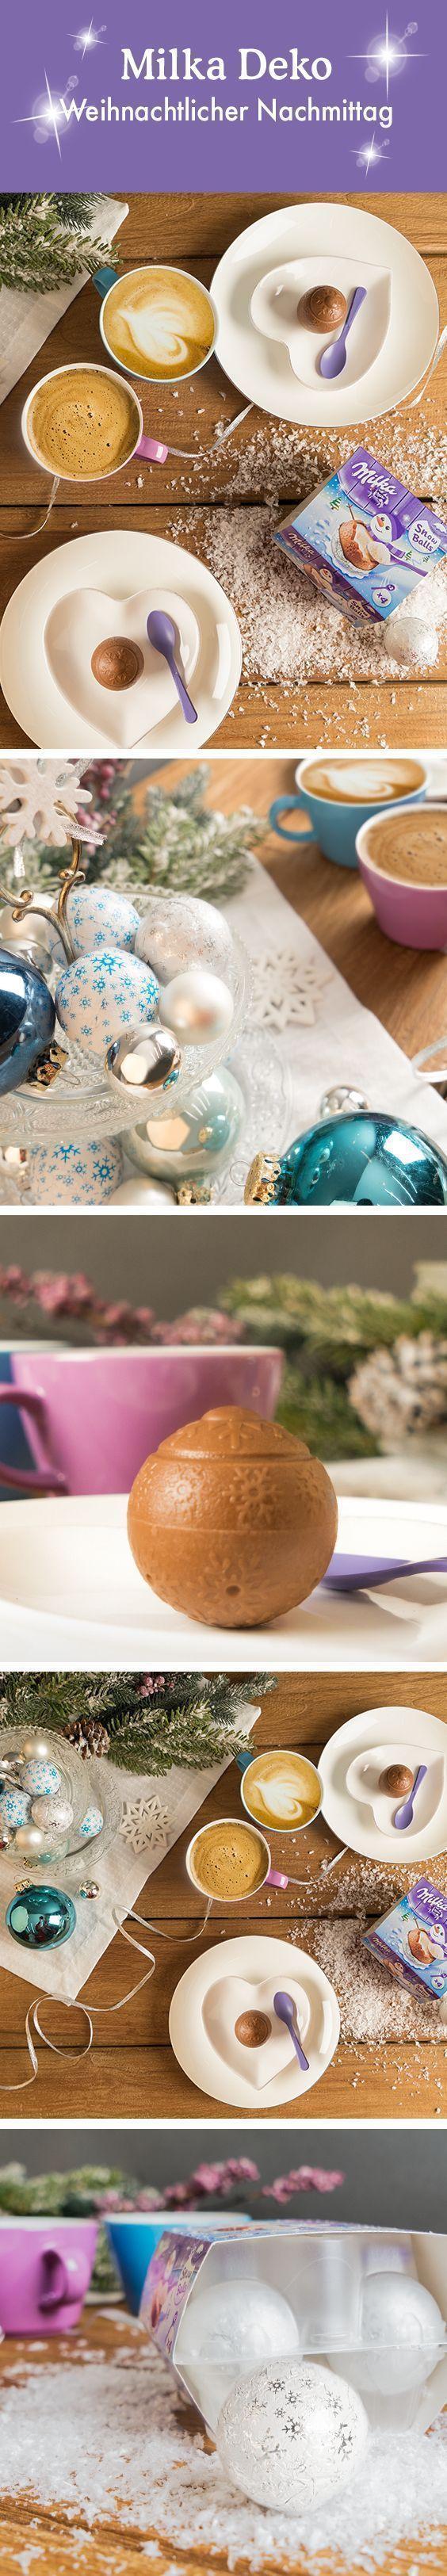 #tischdekoration #weihnachtliche #newmilka #milkaweihnachtliche Tischdekoration - - Milka weihnachtliche Tischdekoration - -Milka weihnachtliche Tischdekoration - - Milka weihnachtliche Tischdekoration - -weihnachtliche Tischdekoration - - Milka weihnachtliche Tischdekoration - -Milka weihnachtliche Tischdekoration - - Milka weihnachtliche Tischdekoration - - #weihnachtlichetischdekoration #tischdekoration #weihnachtliche #newmilka #milkaweihnachtliche Tischdekoration - - Milka weihnachtliche Ti #weihnachtlichetischdekoration